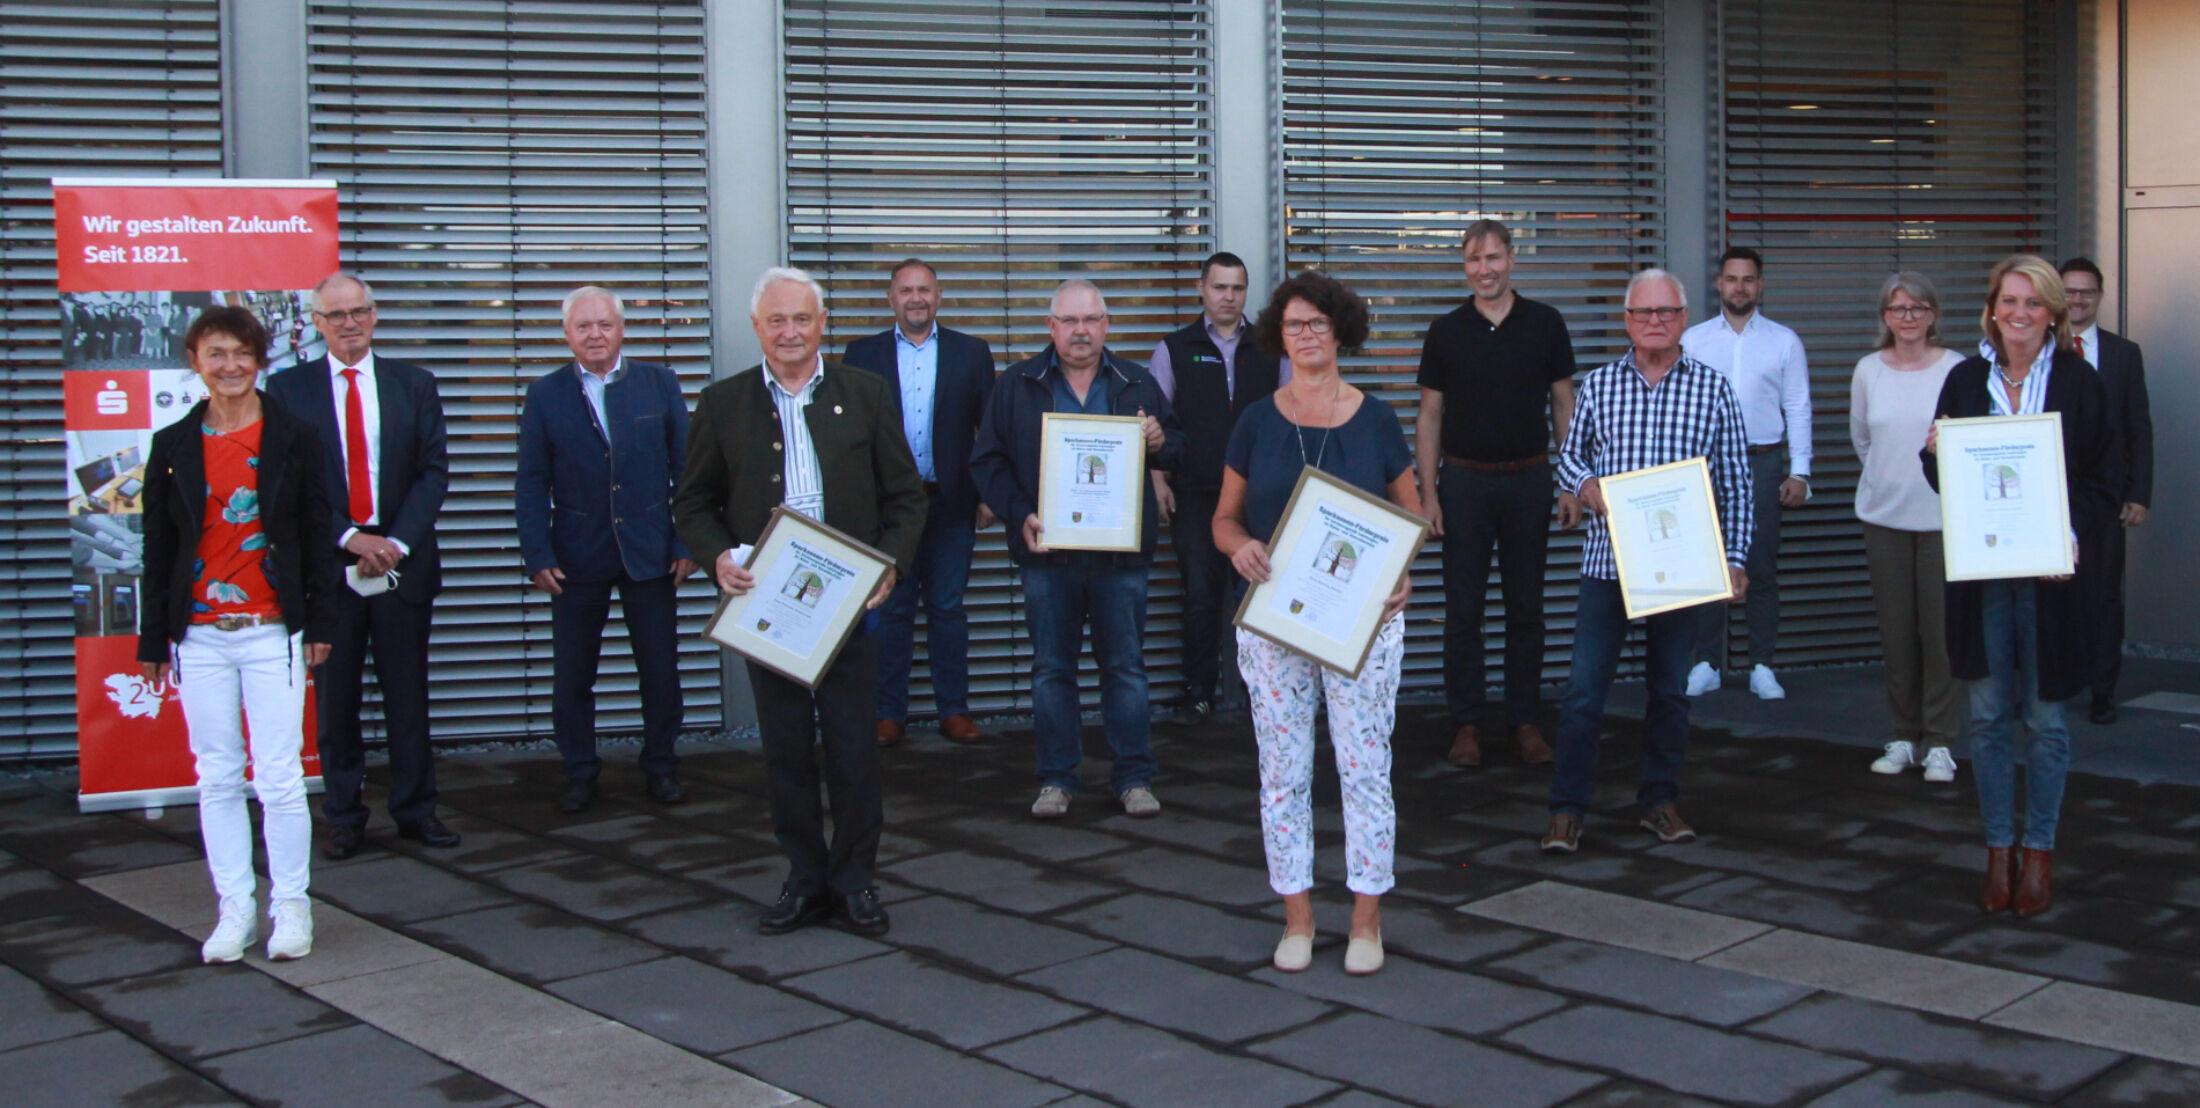 Zum Gruppenbild versammelten sich alle Förderpreisträger mit Urkunde. Foto: Landratsamt Lichtenfels